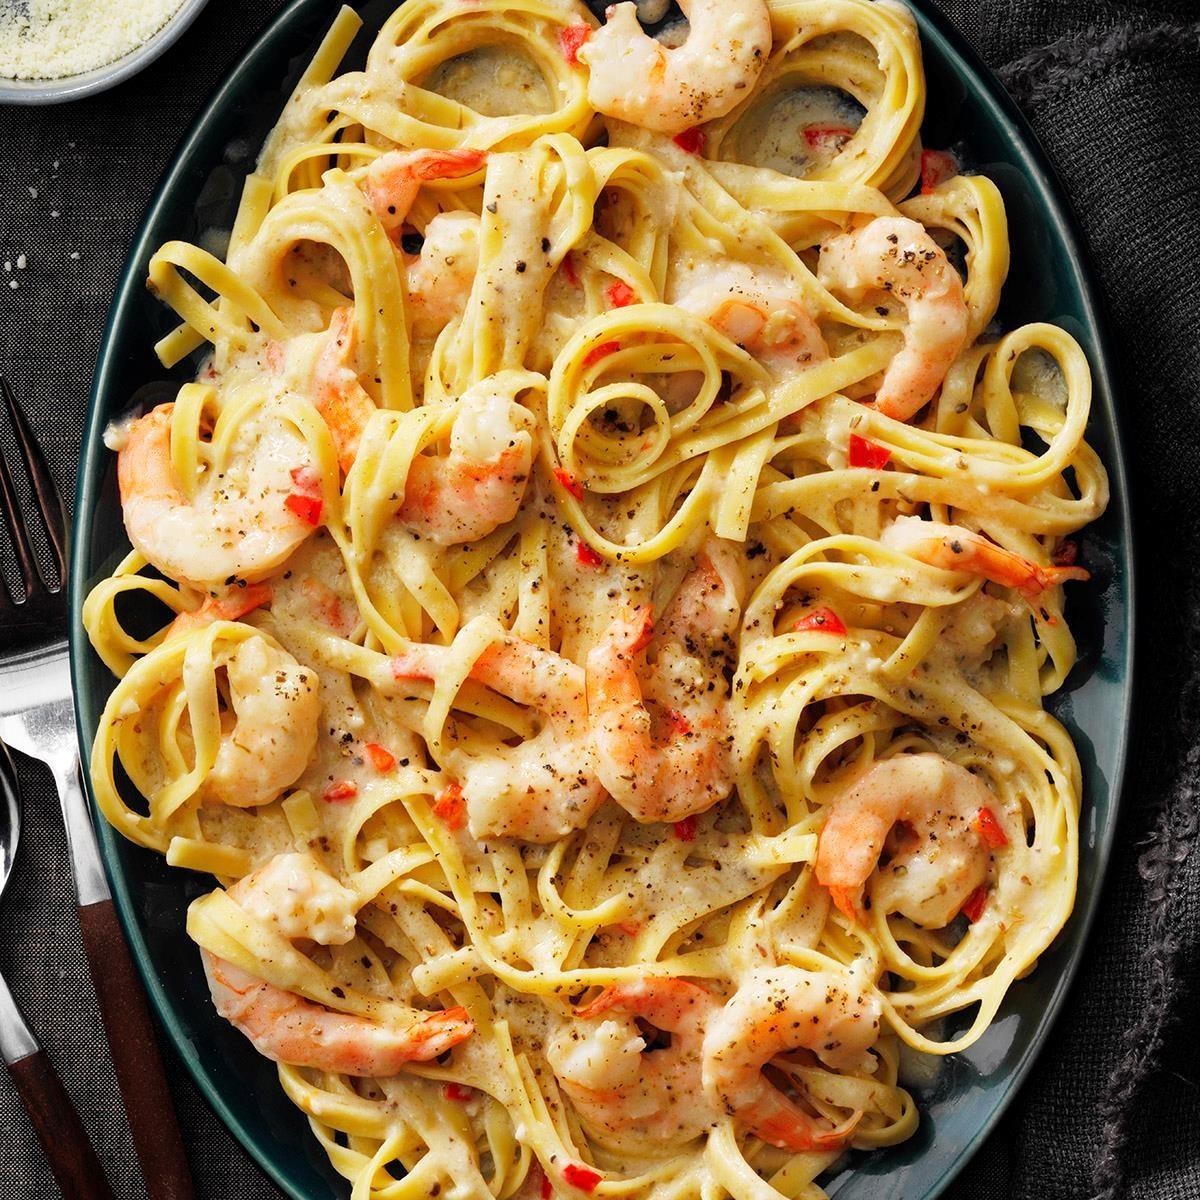 Spicy Shrimp Fettuccine Alfredo Exps Tohescodr20 162994 E03 12 3b 1